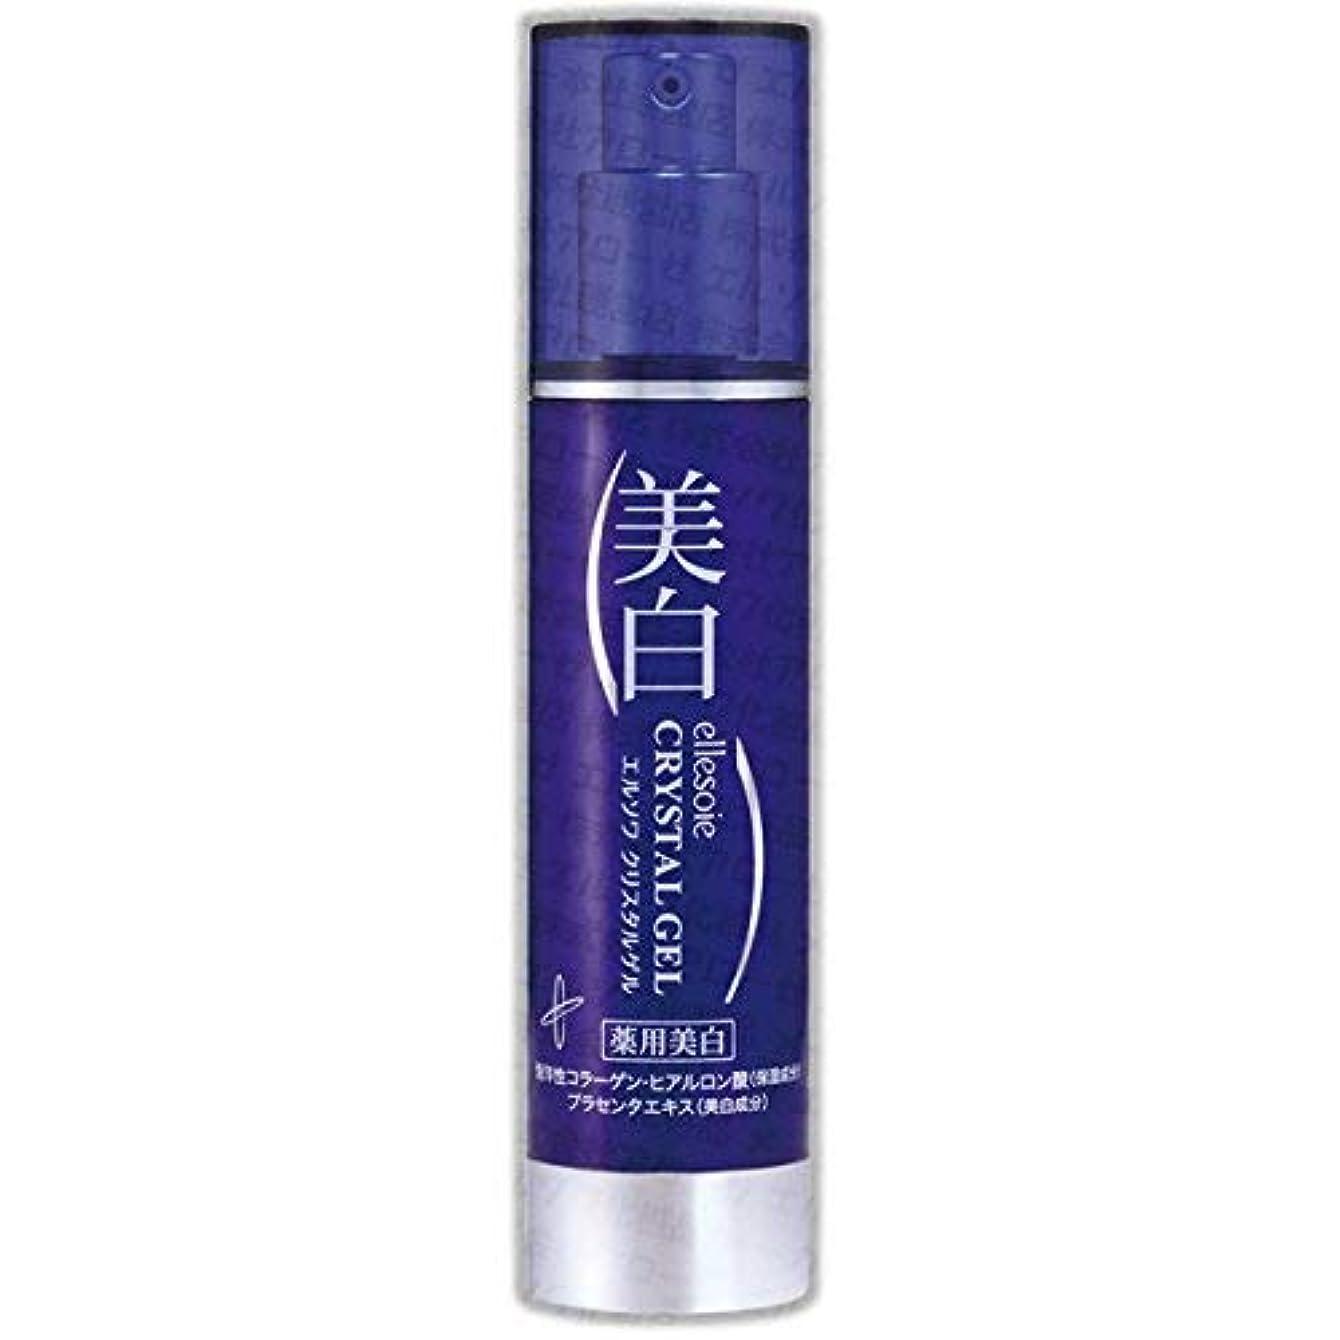 幸運なことに供給生じるエルソワ化粧品(ellesoie) クリスタルゲルS 薬用美白オールインワン (エアレス容器入り)